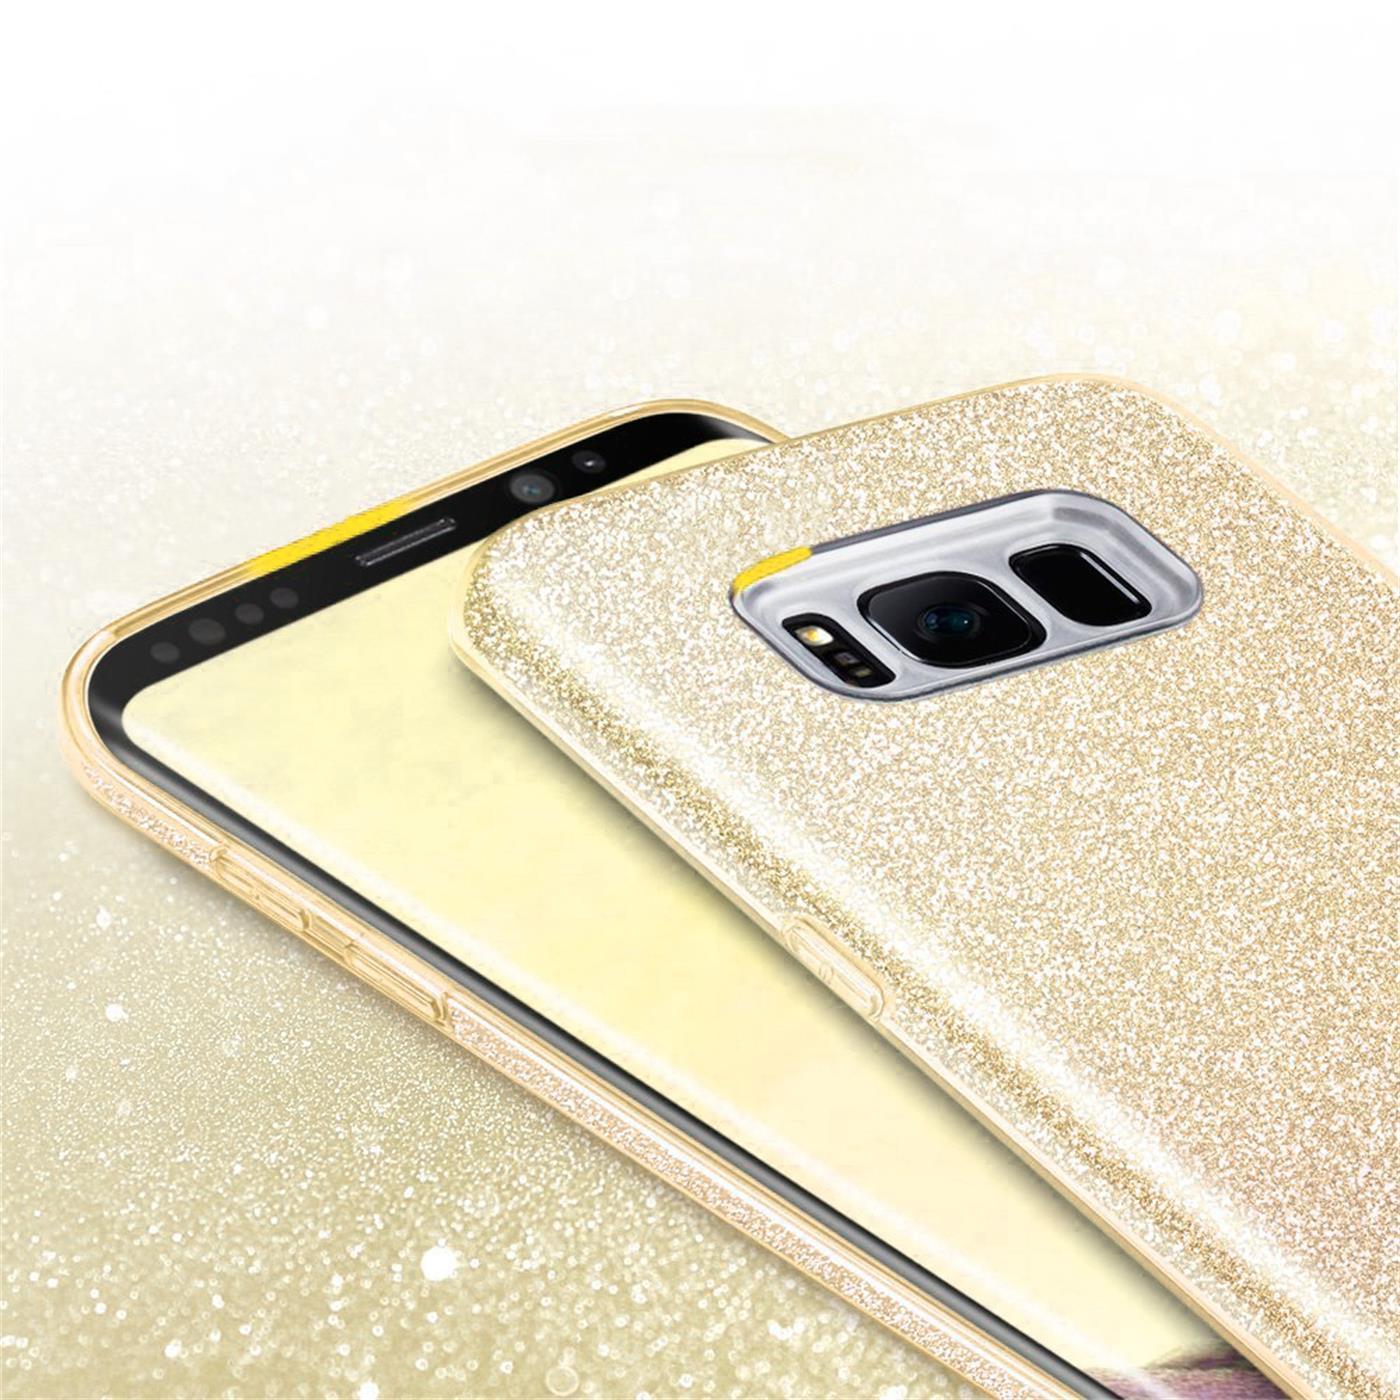 Handy-Glitzer-Huelle-fuer-Samsung-Galaxy-Slim-TPU-Cover-Case-Silikon-Schutz-Tasche Indexbild 10